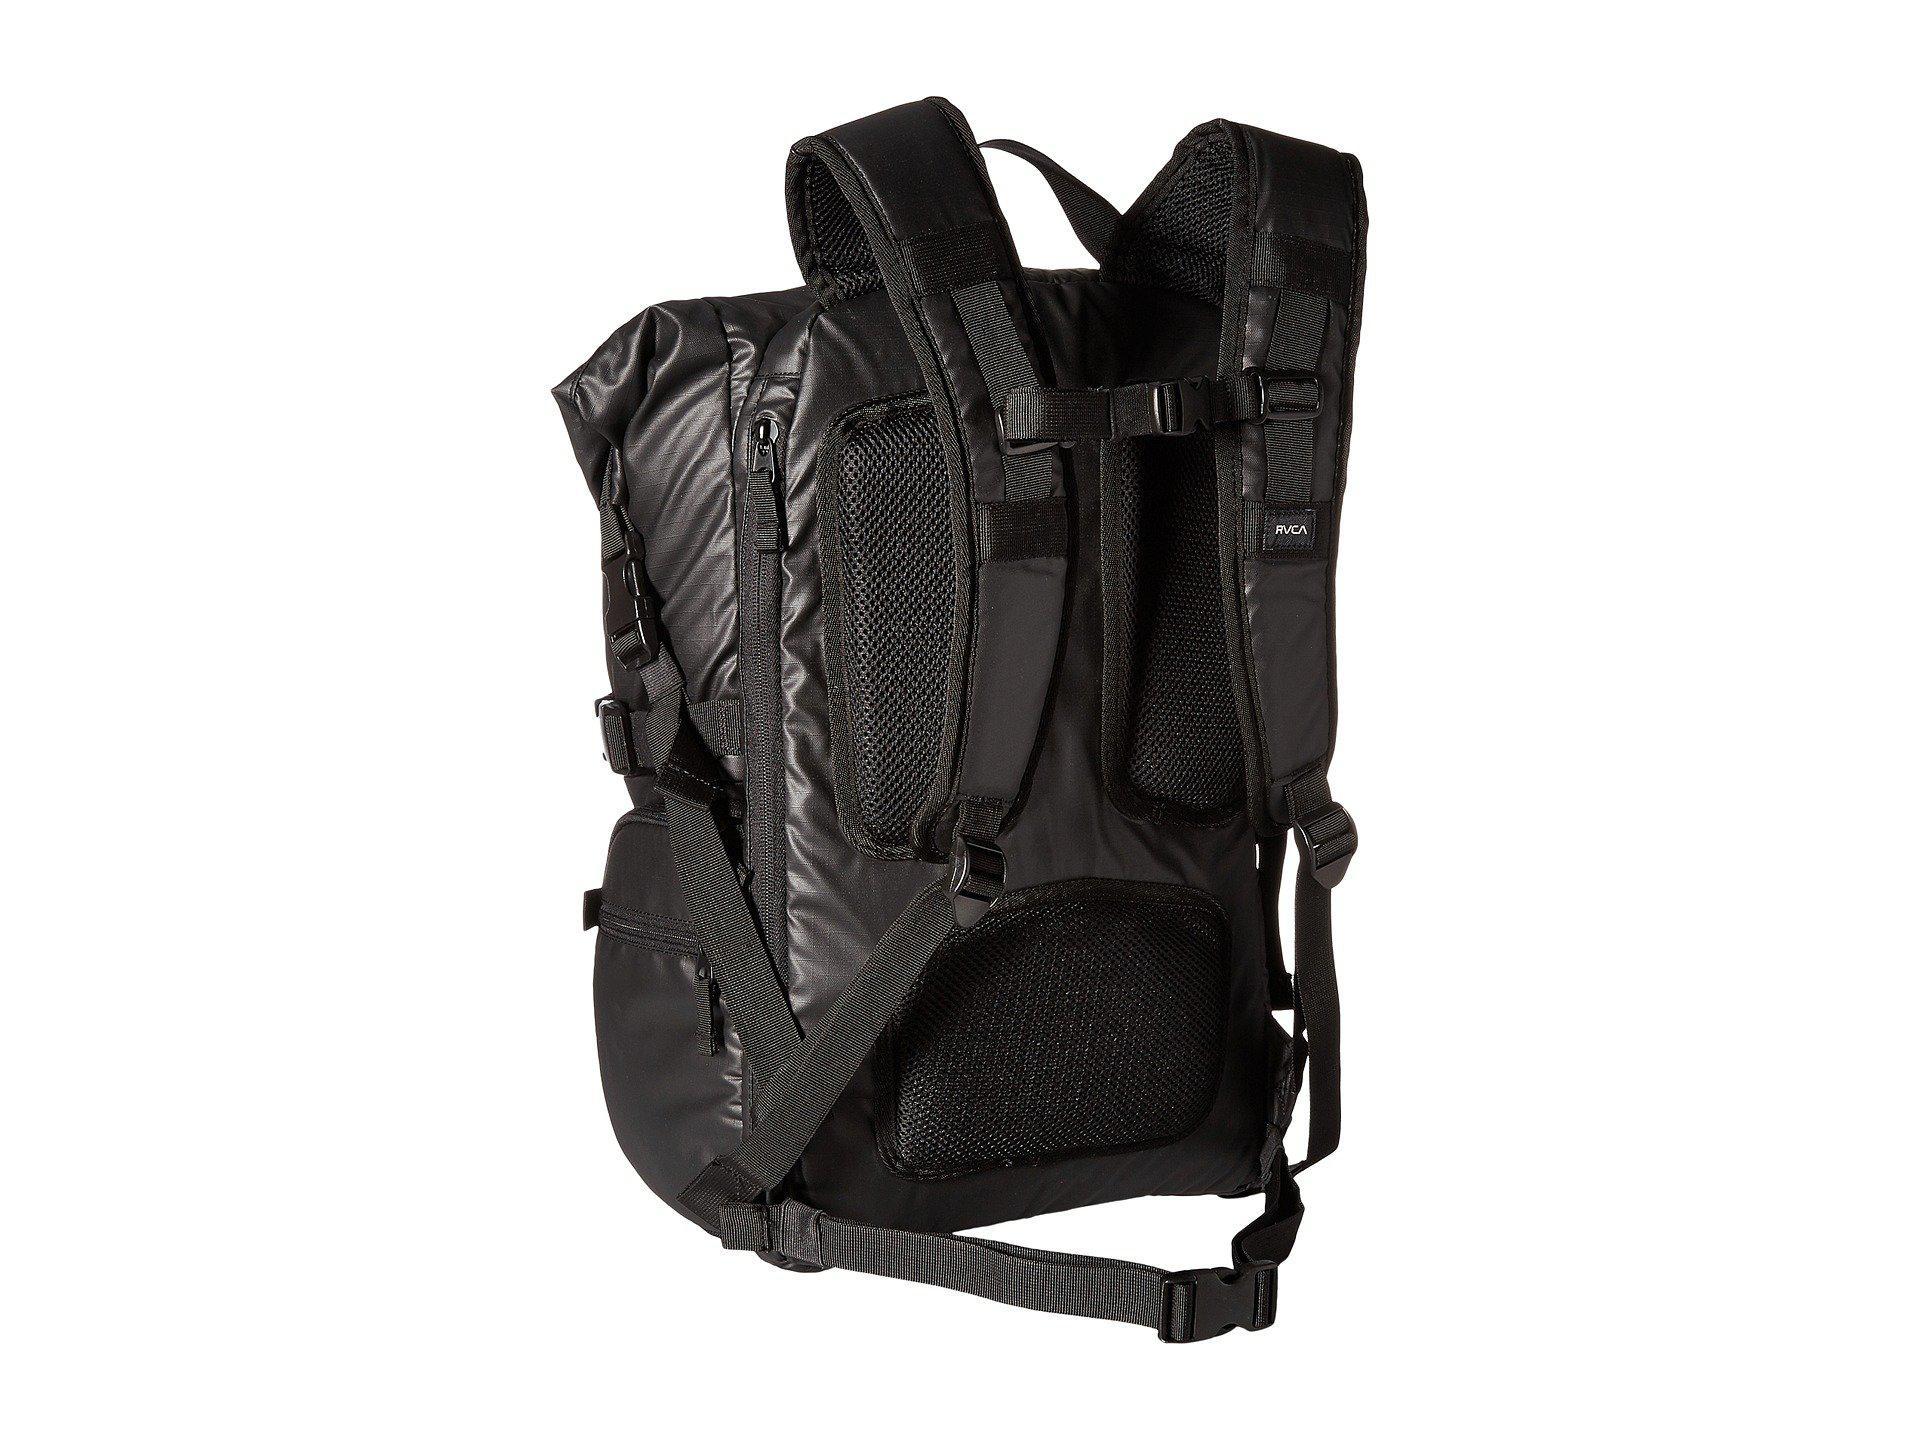 a0d5c9809e5e Lyst - RVCA Zak Noyle Camera Bag in Black for Men